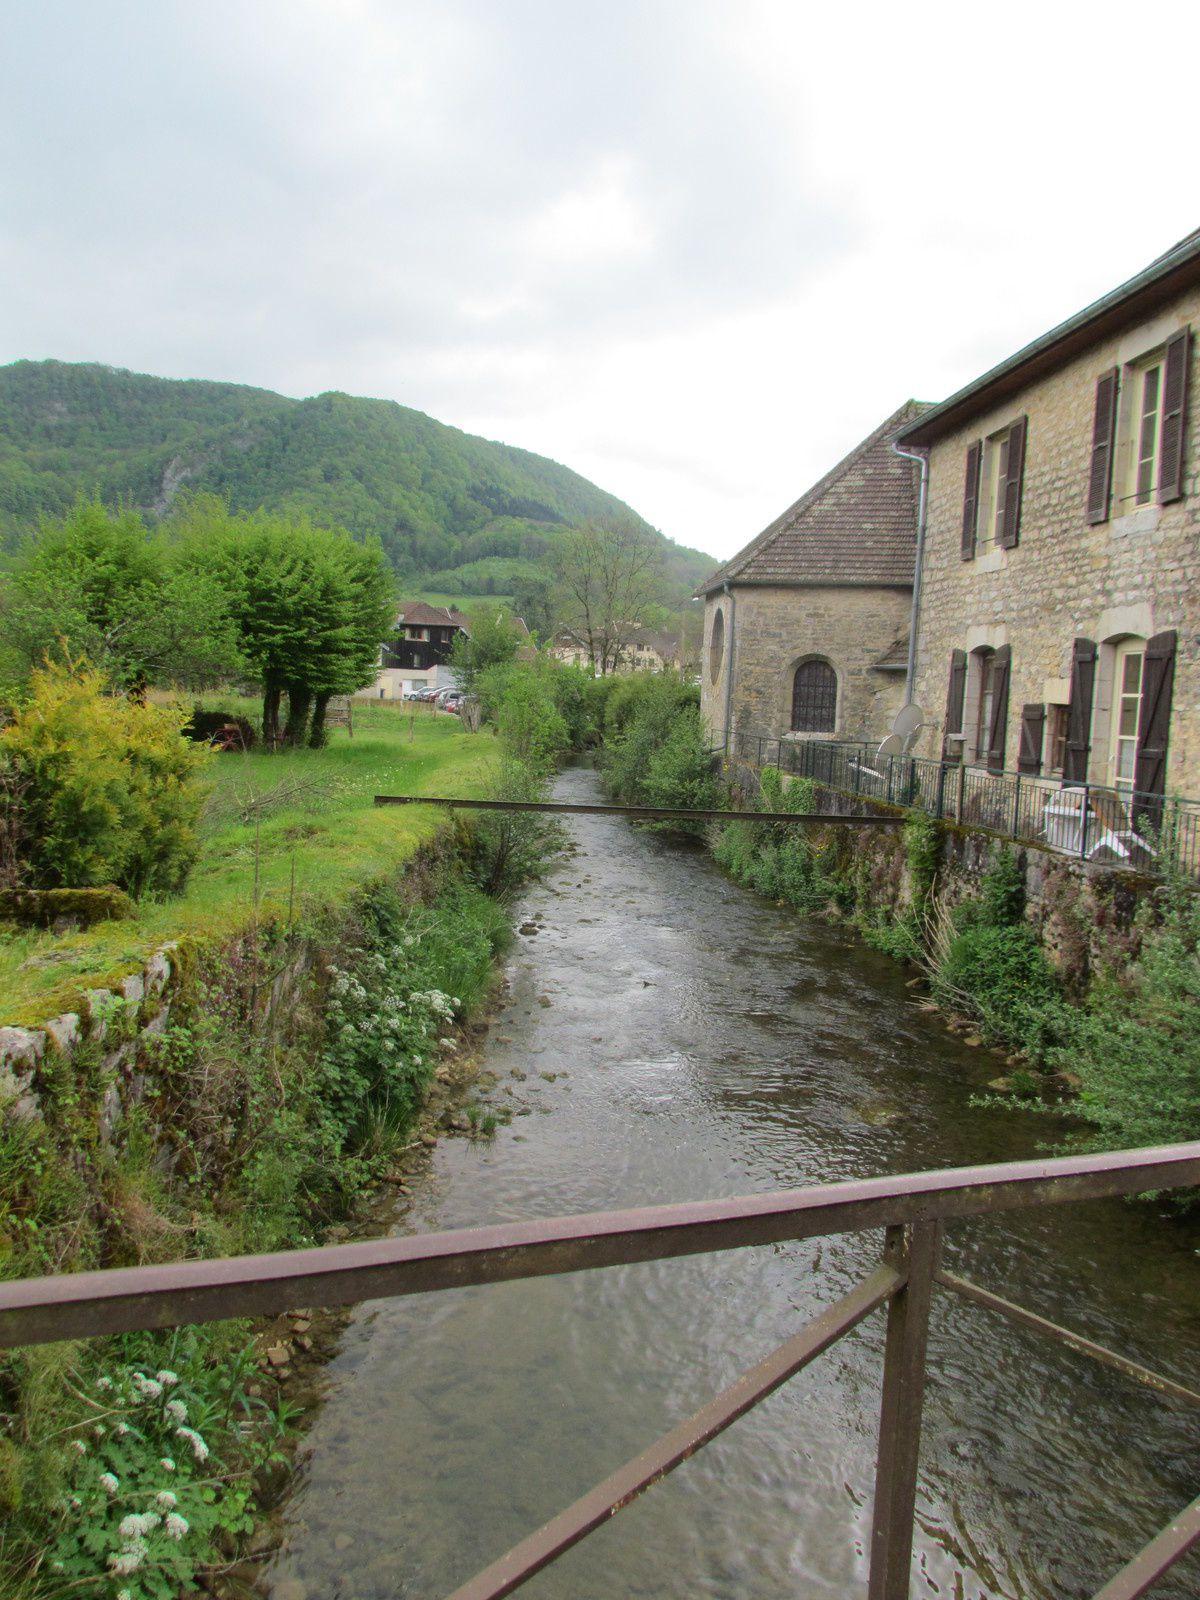 Toujours ce petit ruisseau qui serpente dans le village....